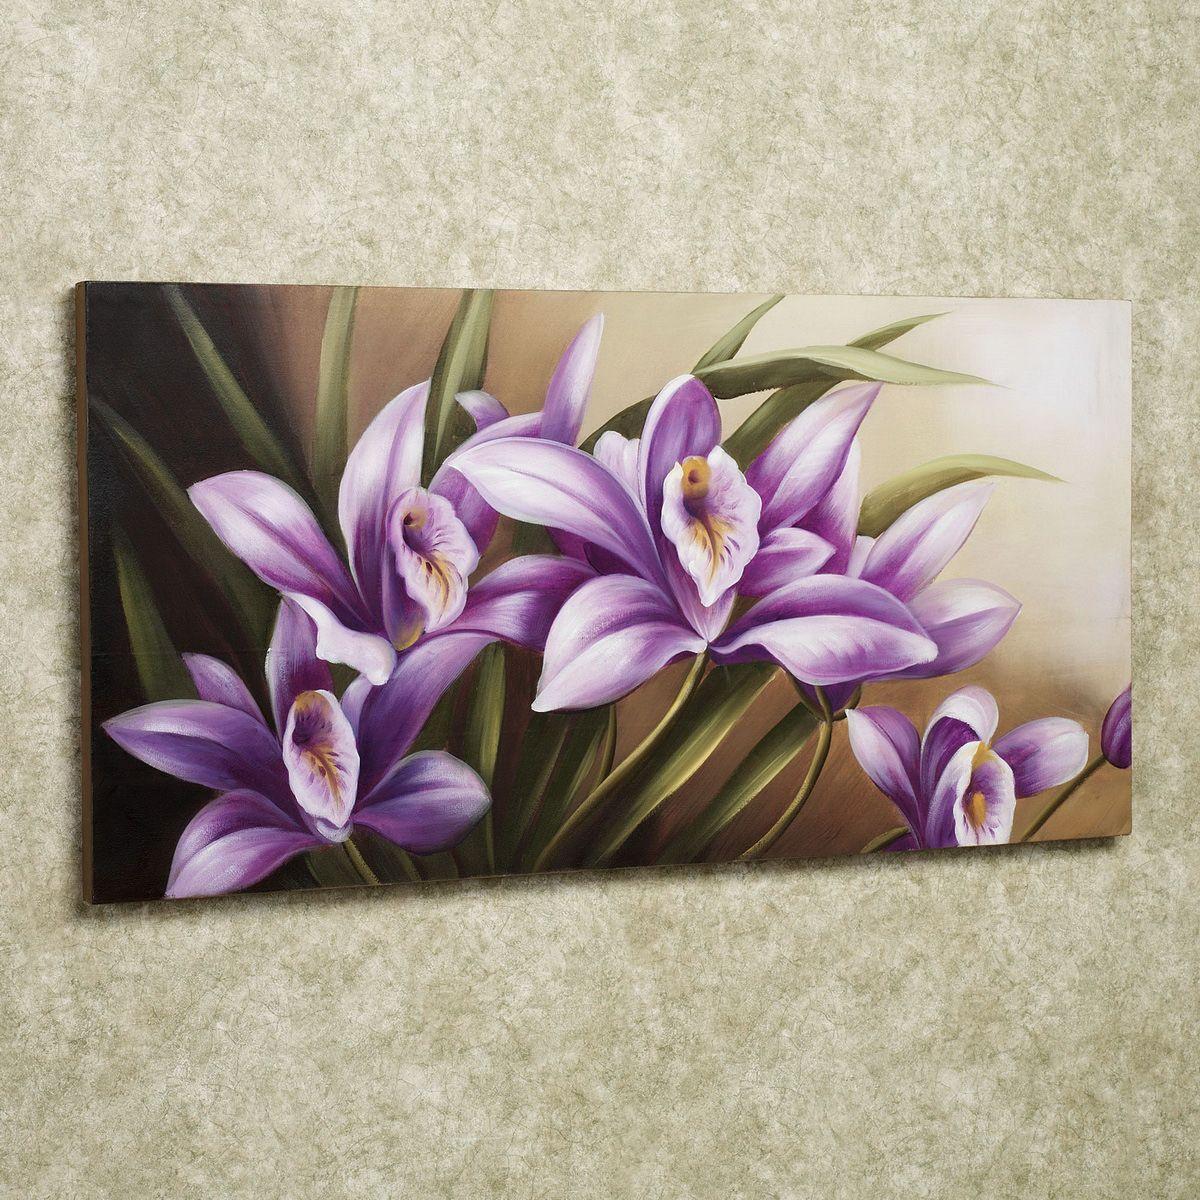 Canvas Painting Ideas I Wish I Could Paint Like This Peinture Fleurs Peinture Florale Dessin Fleur